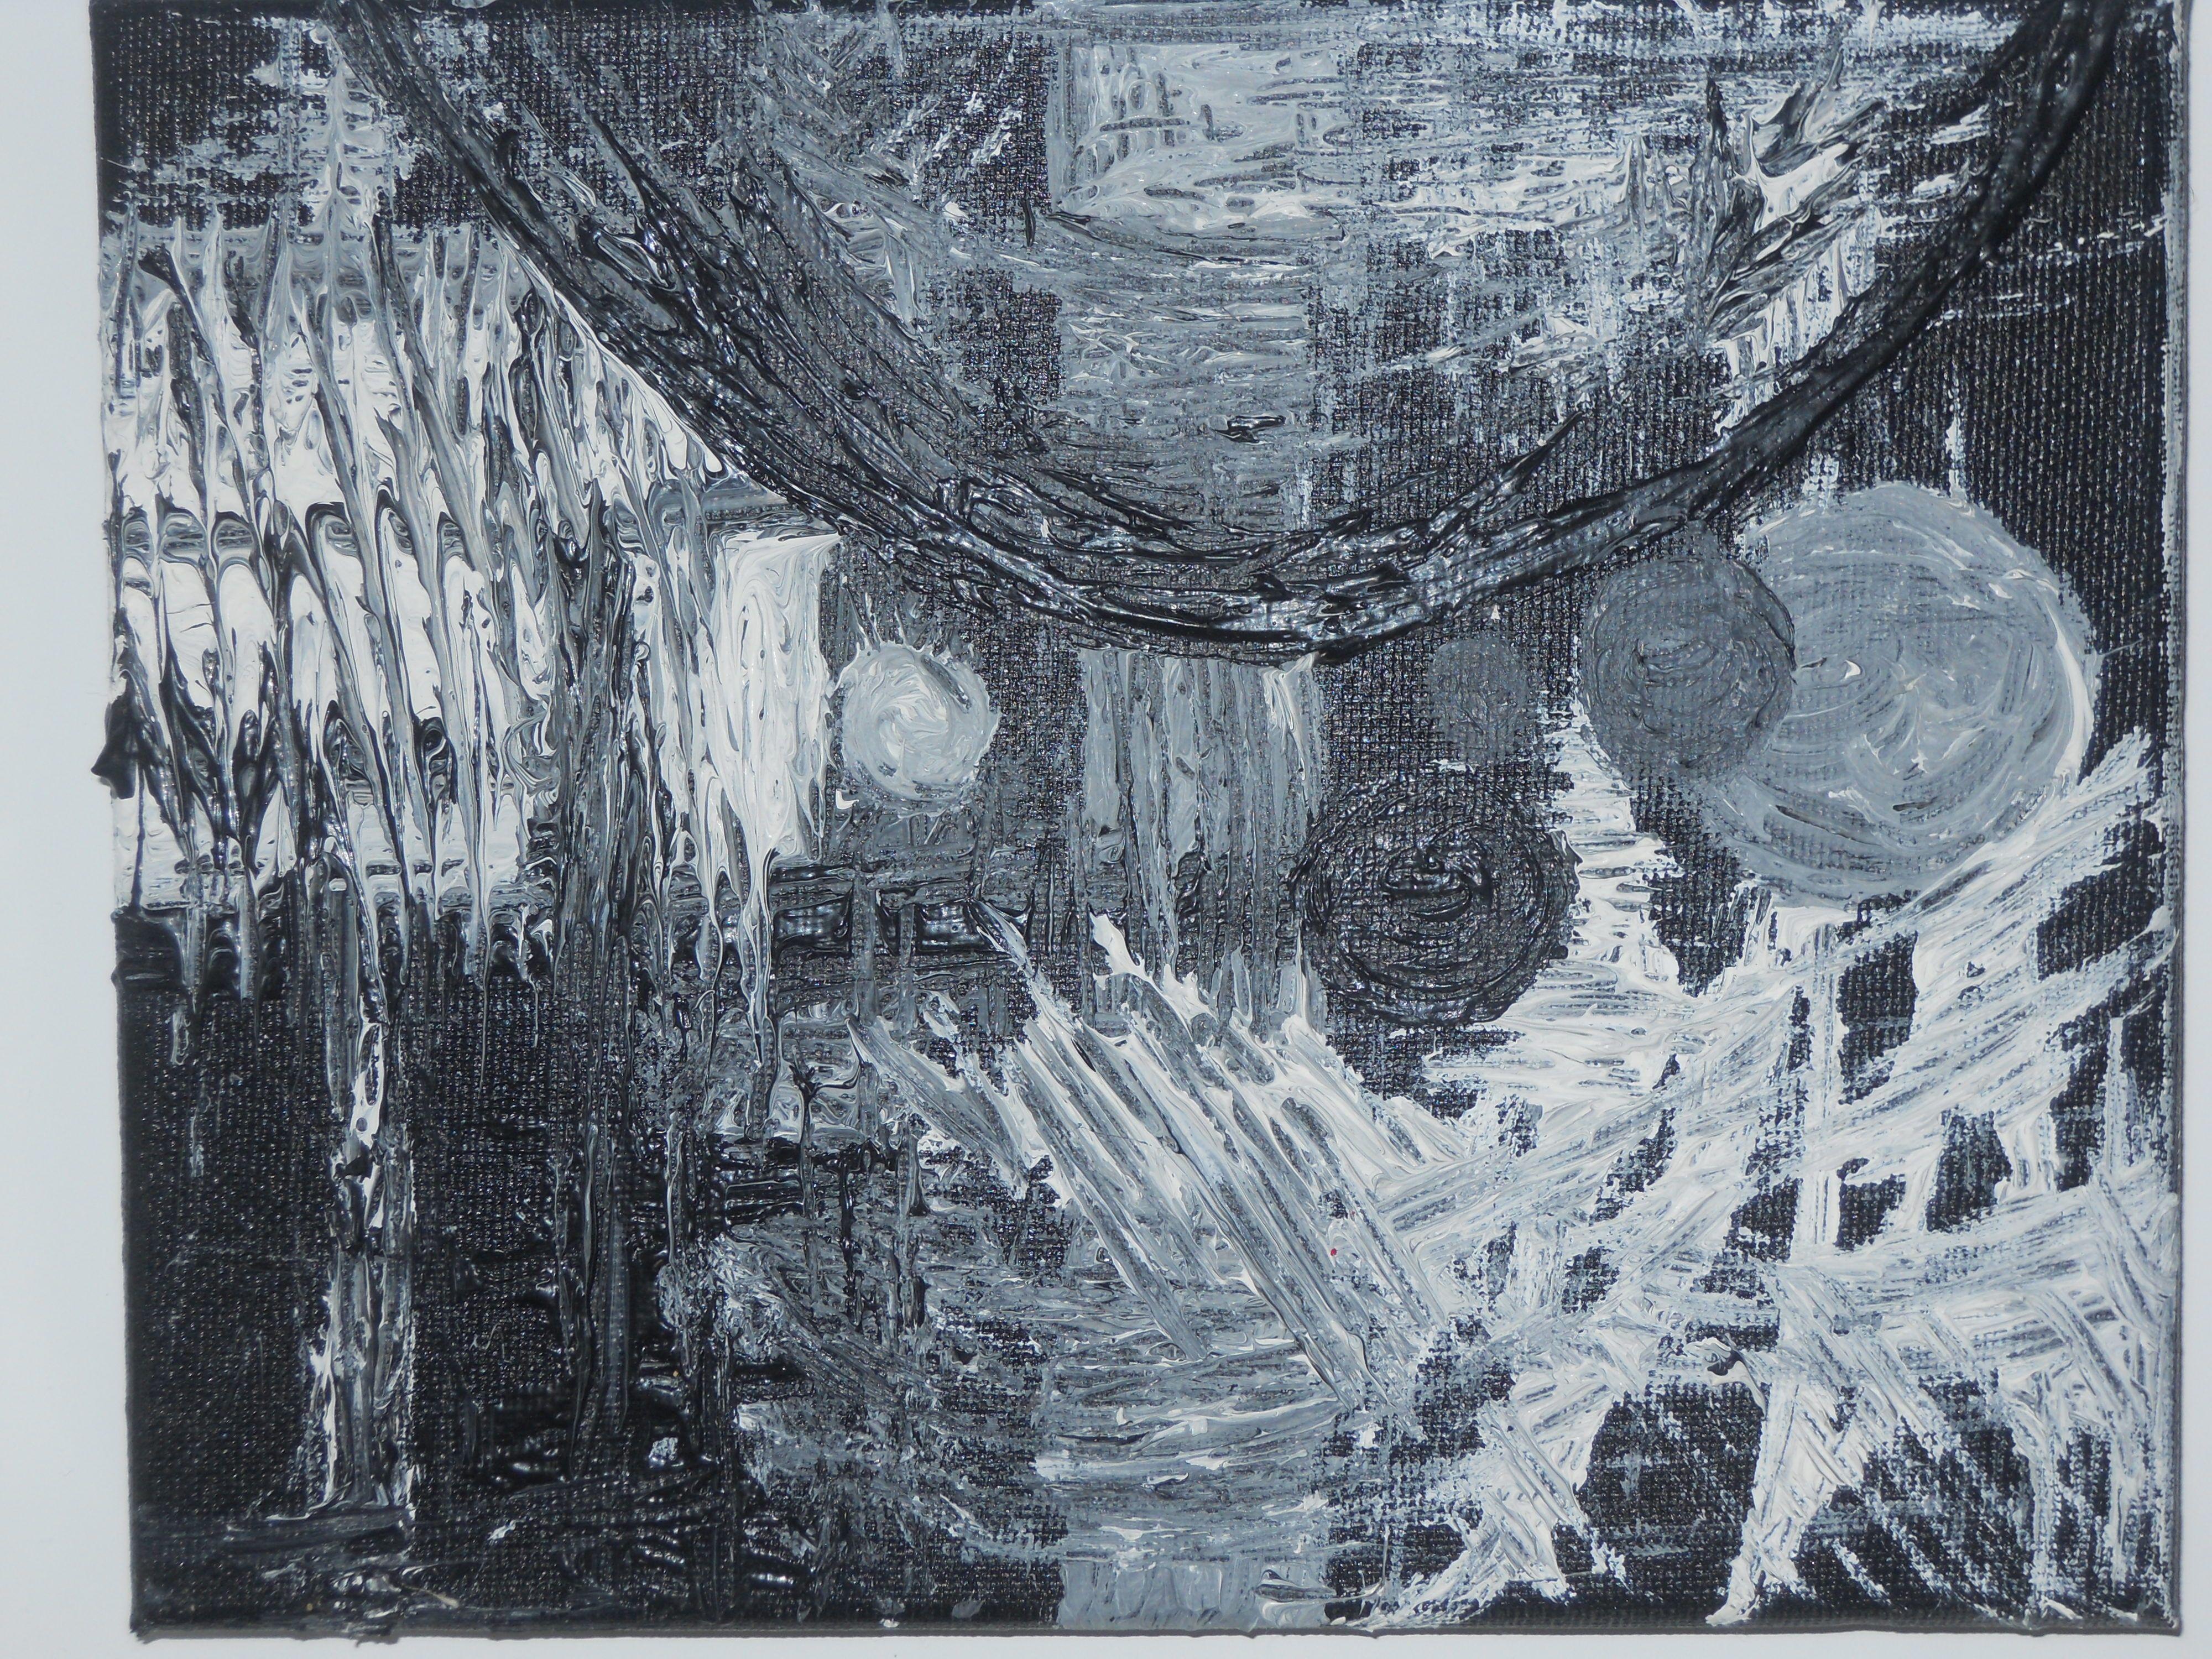 apocalypse tableau unique petit format peint en 2011 technique ... - Technique Peinture Acrylique Sur Bois